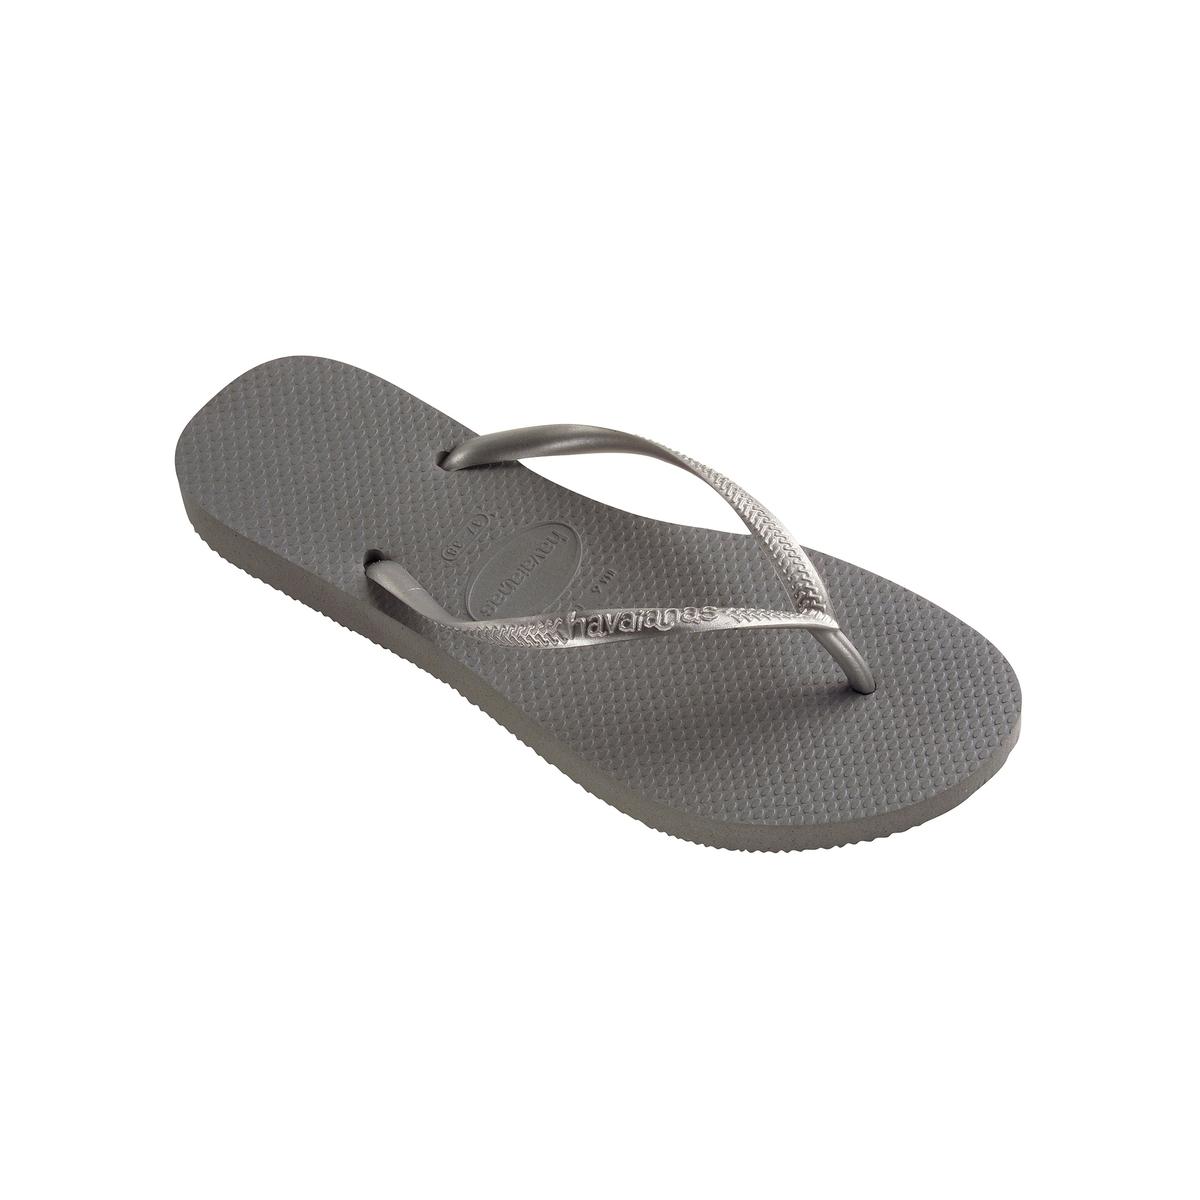 Вьетнамки SlimВерх : каучук   Стелька : каучук   Подошва : каучук   Высота каблука : плоский   Форма каблука : плоский каблук   Мысок : открытый мысок   Застежка : без застежки<br><br>Цвет: серый